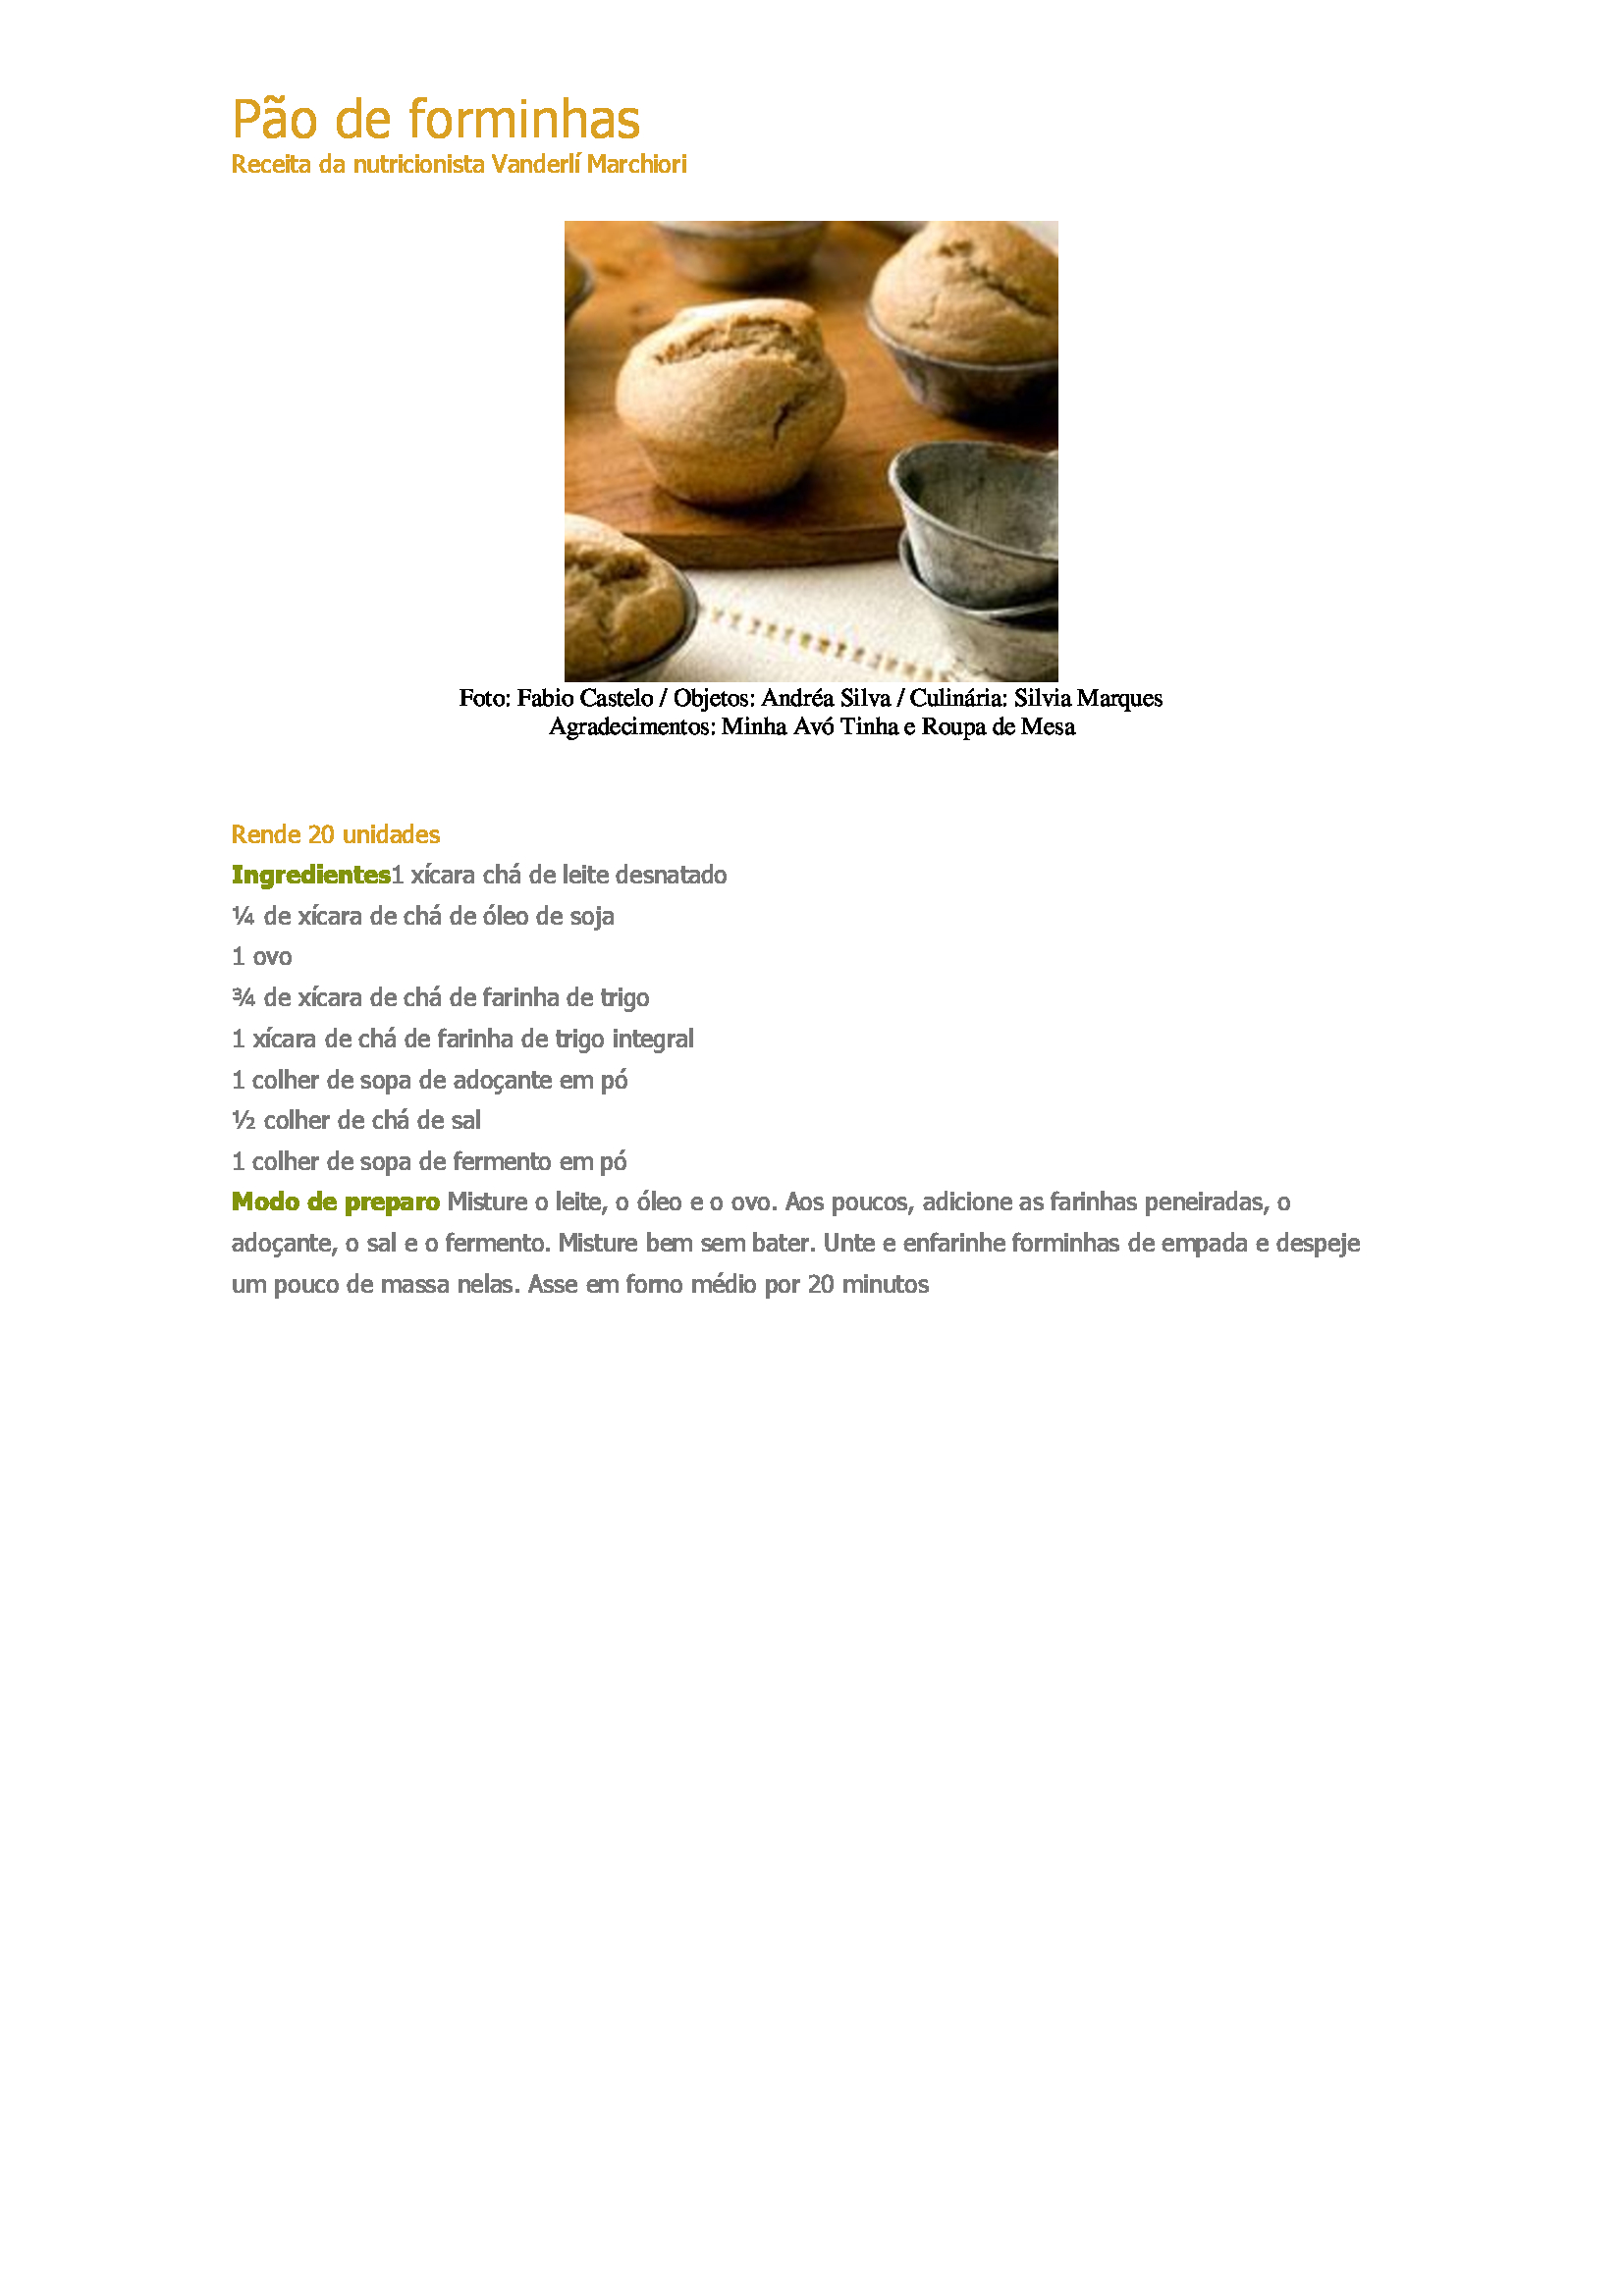 Pão-de-forminhas